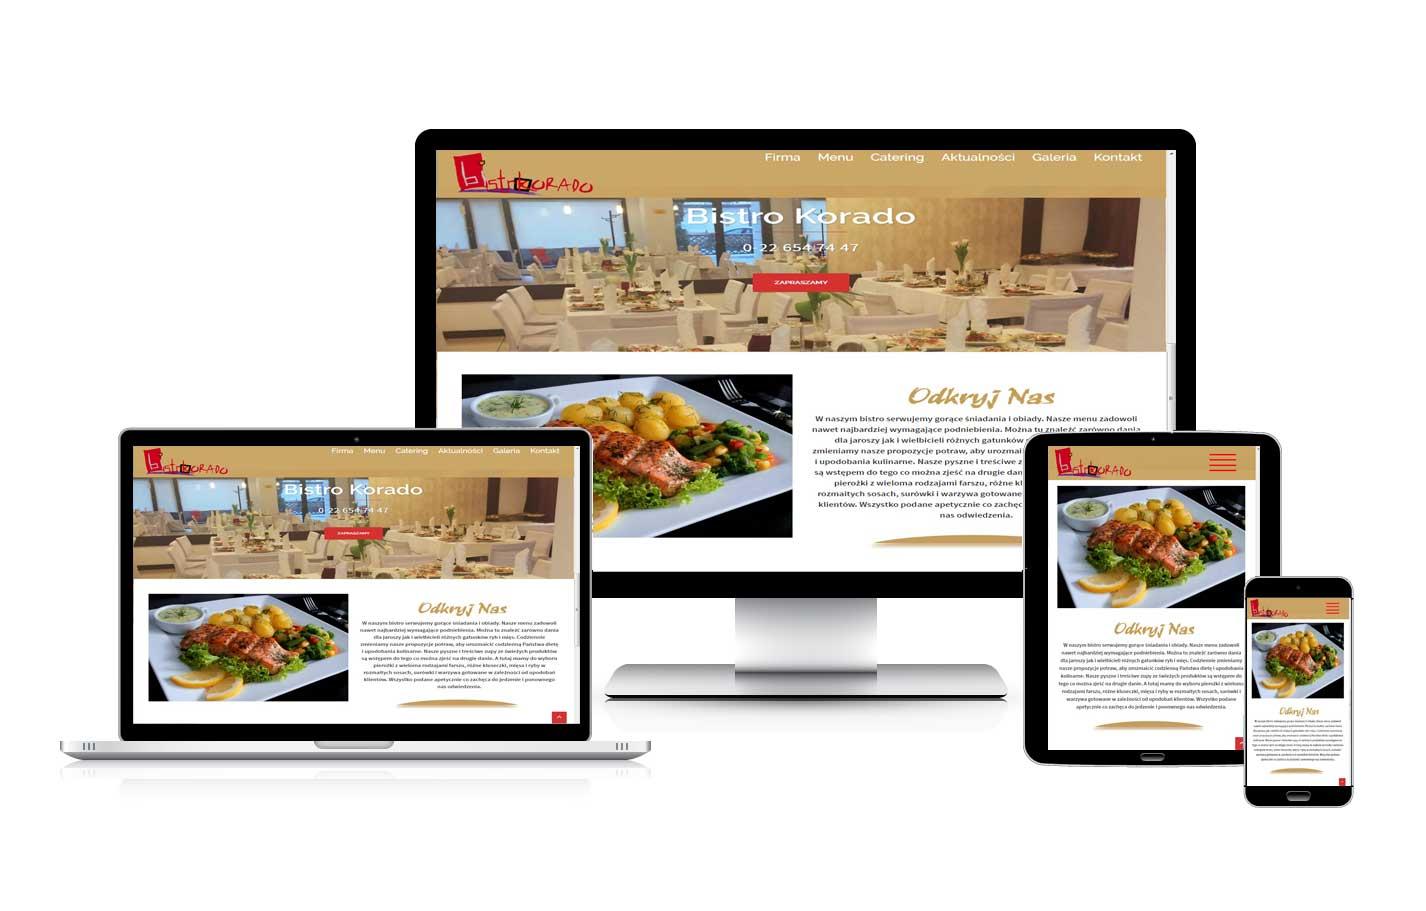 Strona www dla restauracji Korado